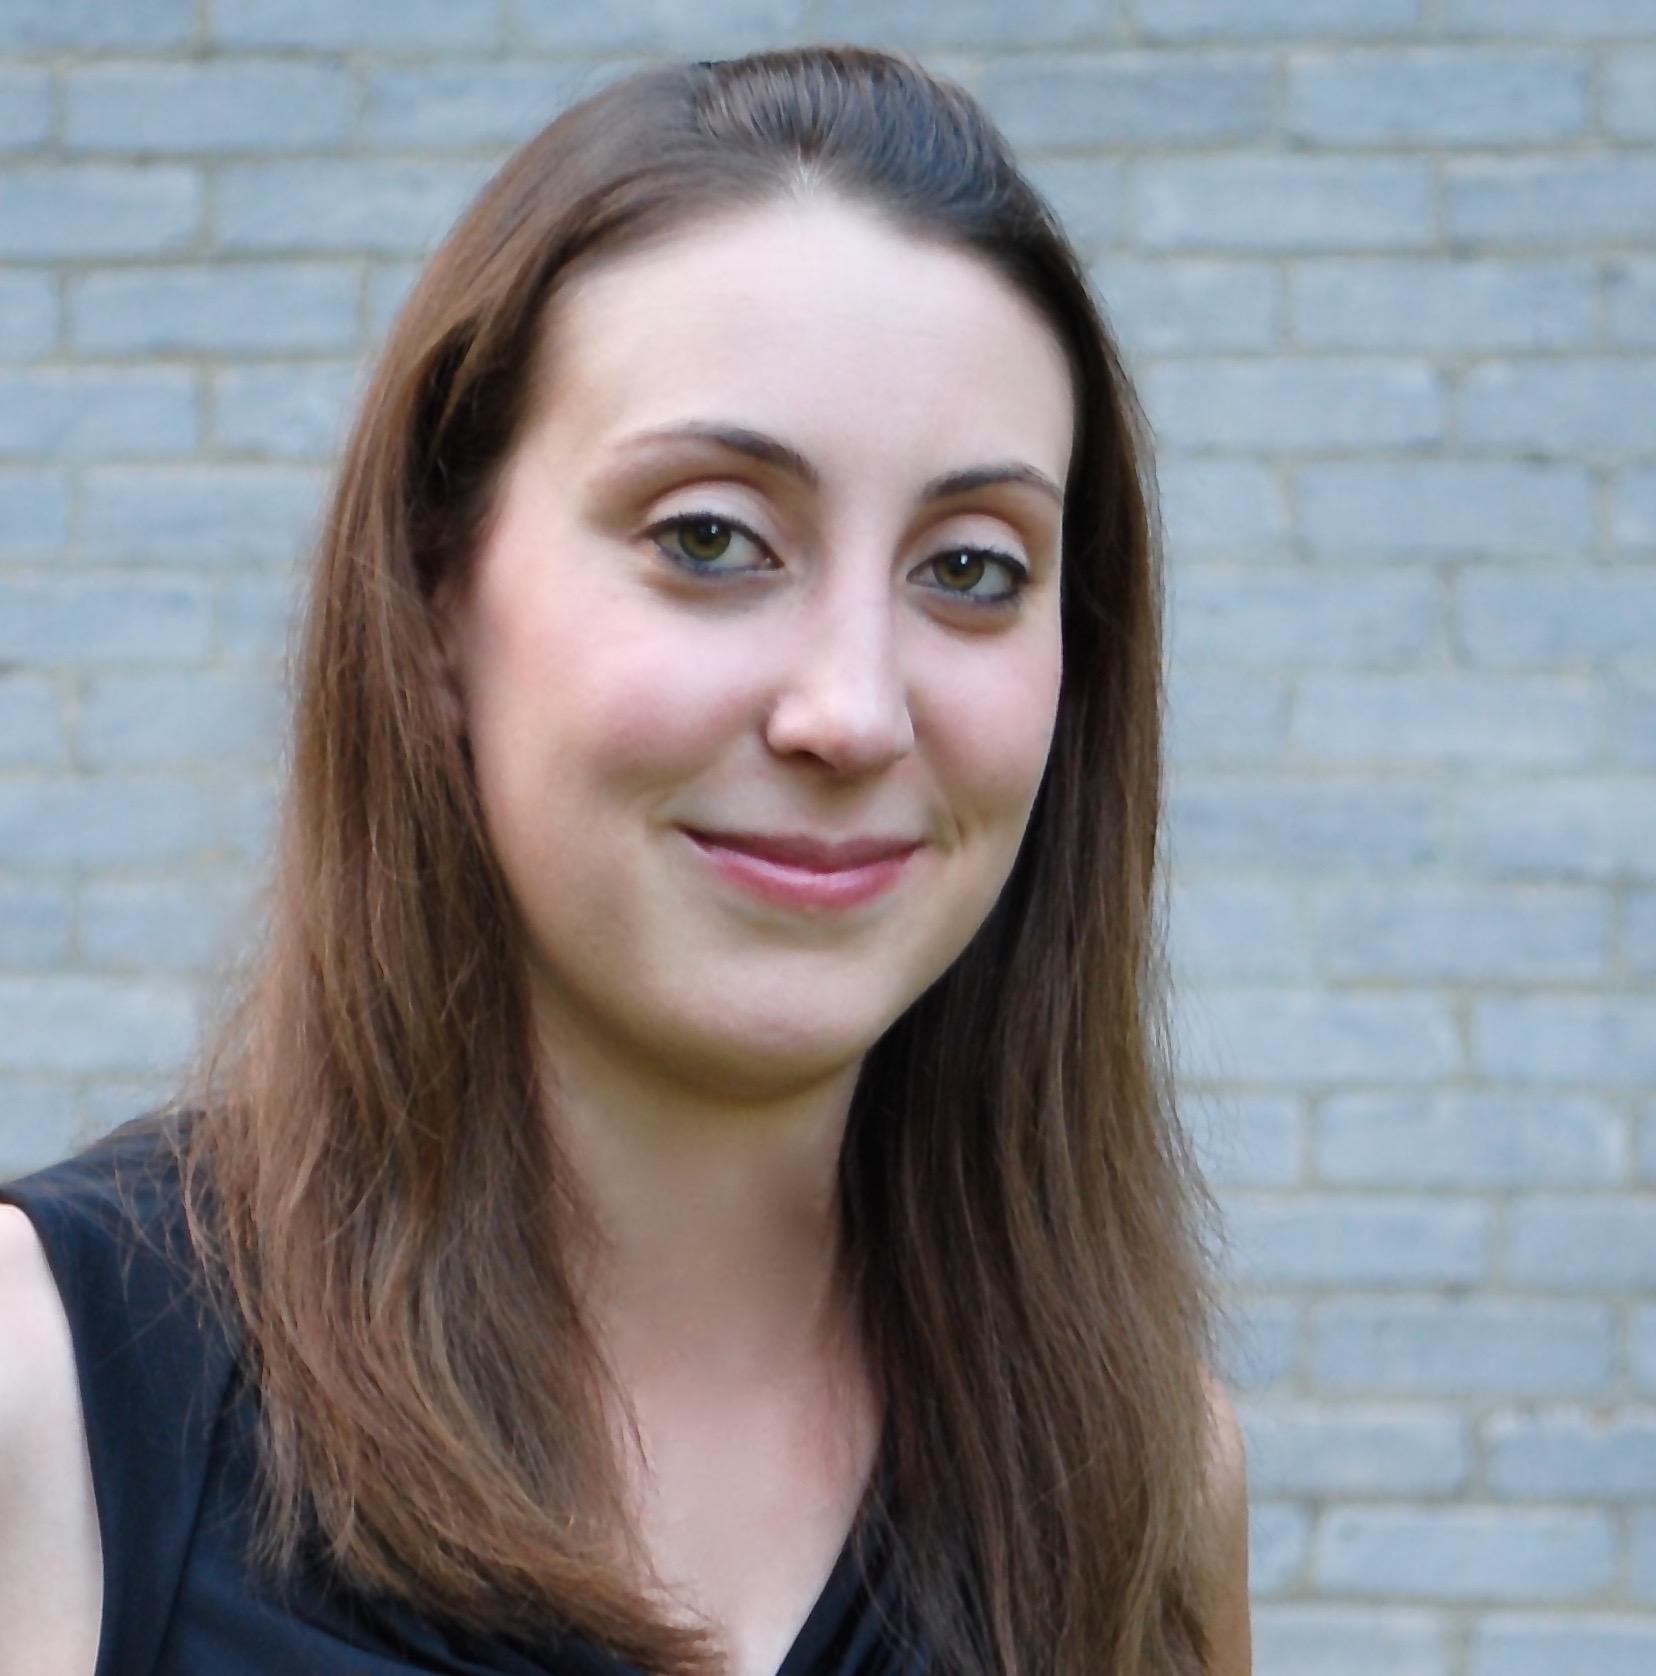 Megan Mack